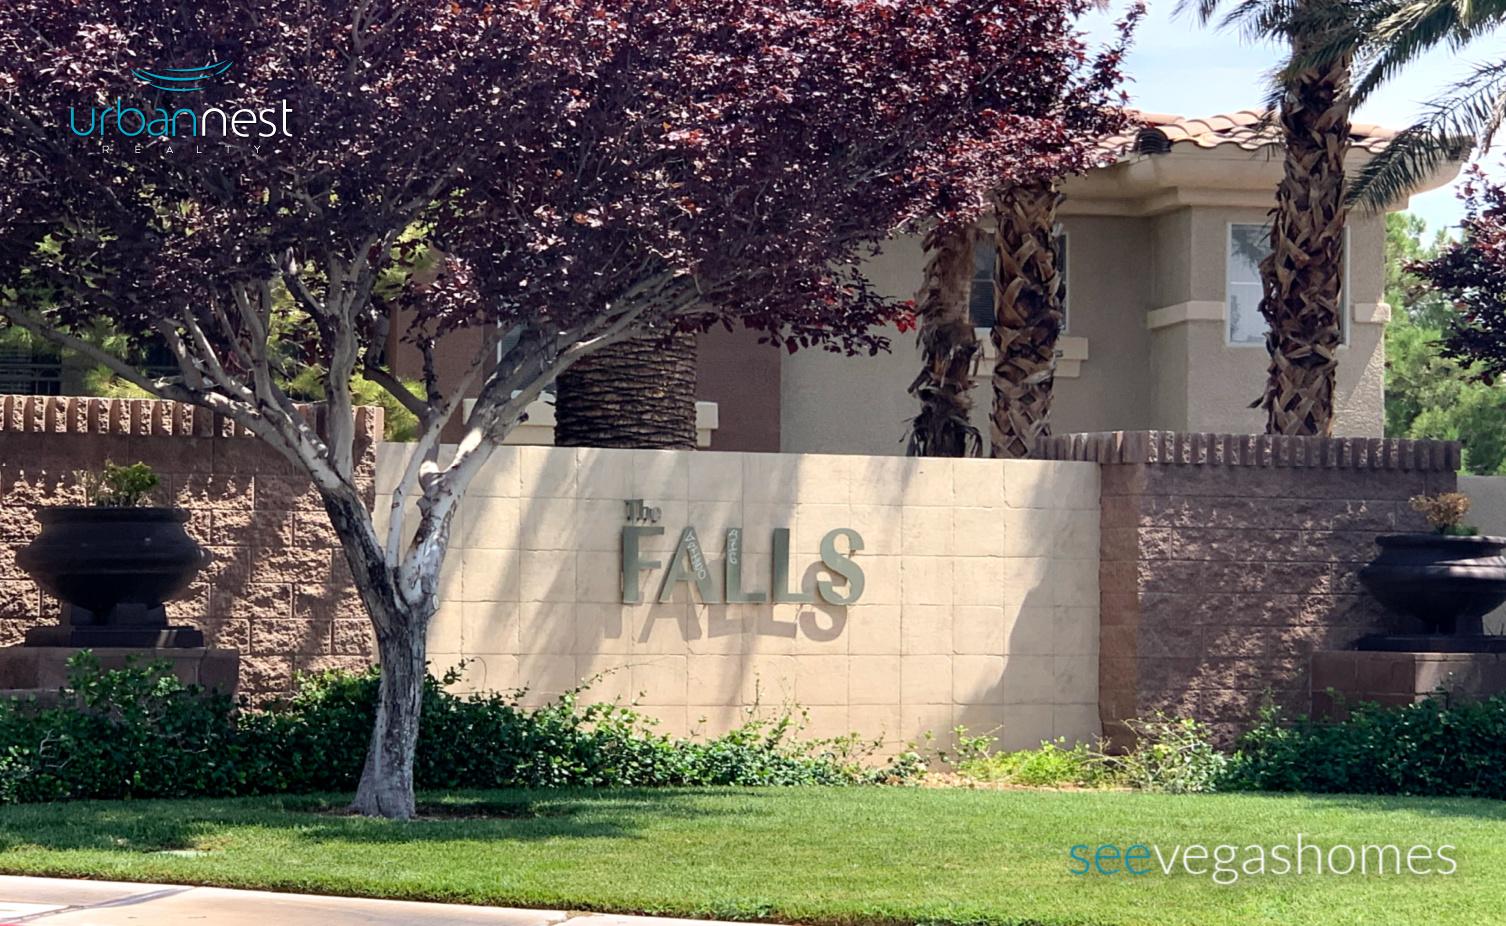 The_Falls_at_Rhodes_Ranch_89148_seevegashomes